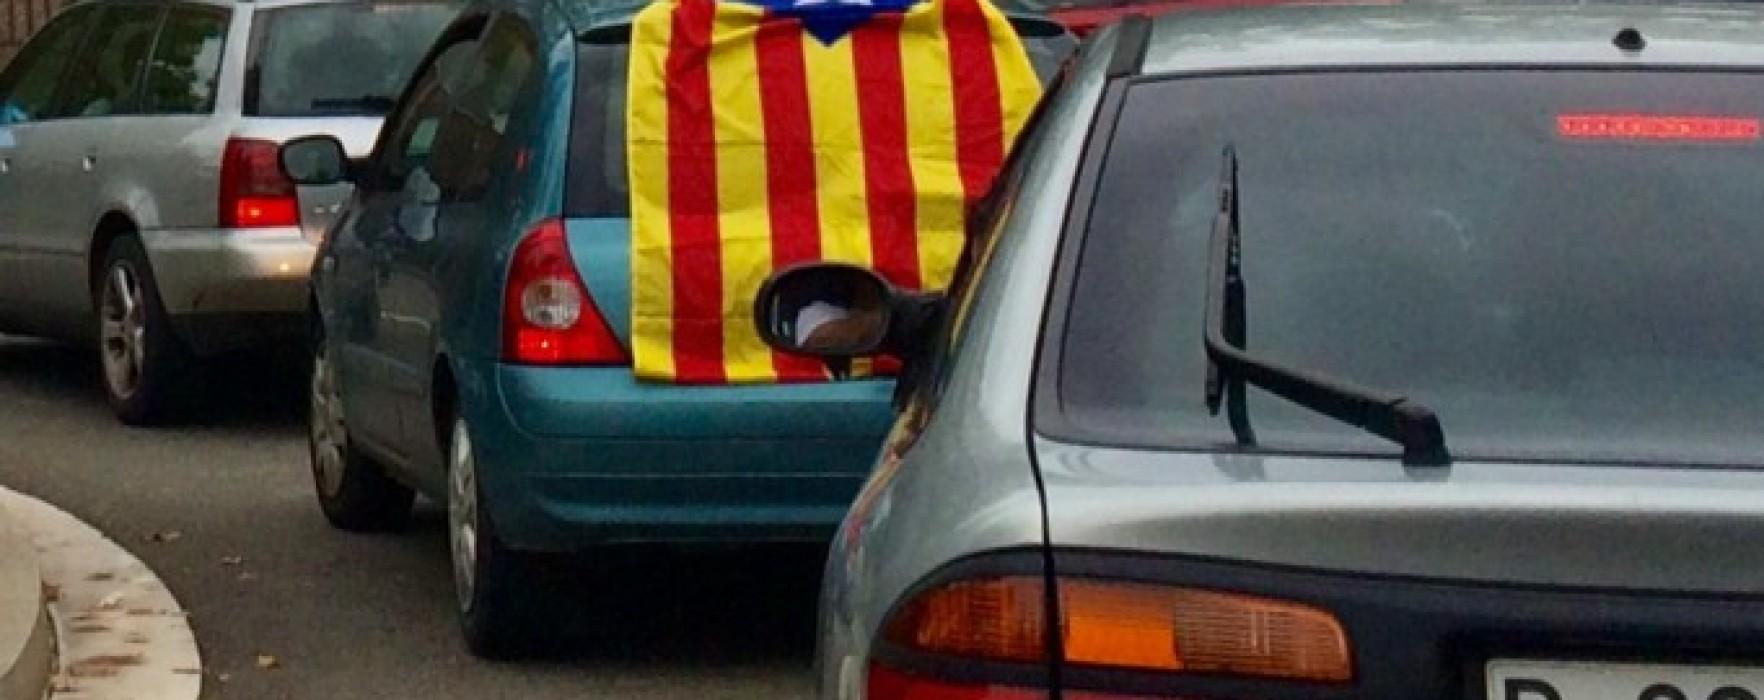 27 settembre, il voto catalano che vuole spaccare la Spagna. Le voci degli anti-indipendentisti.